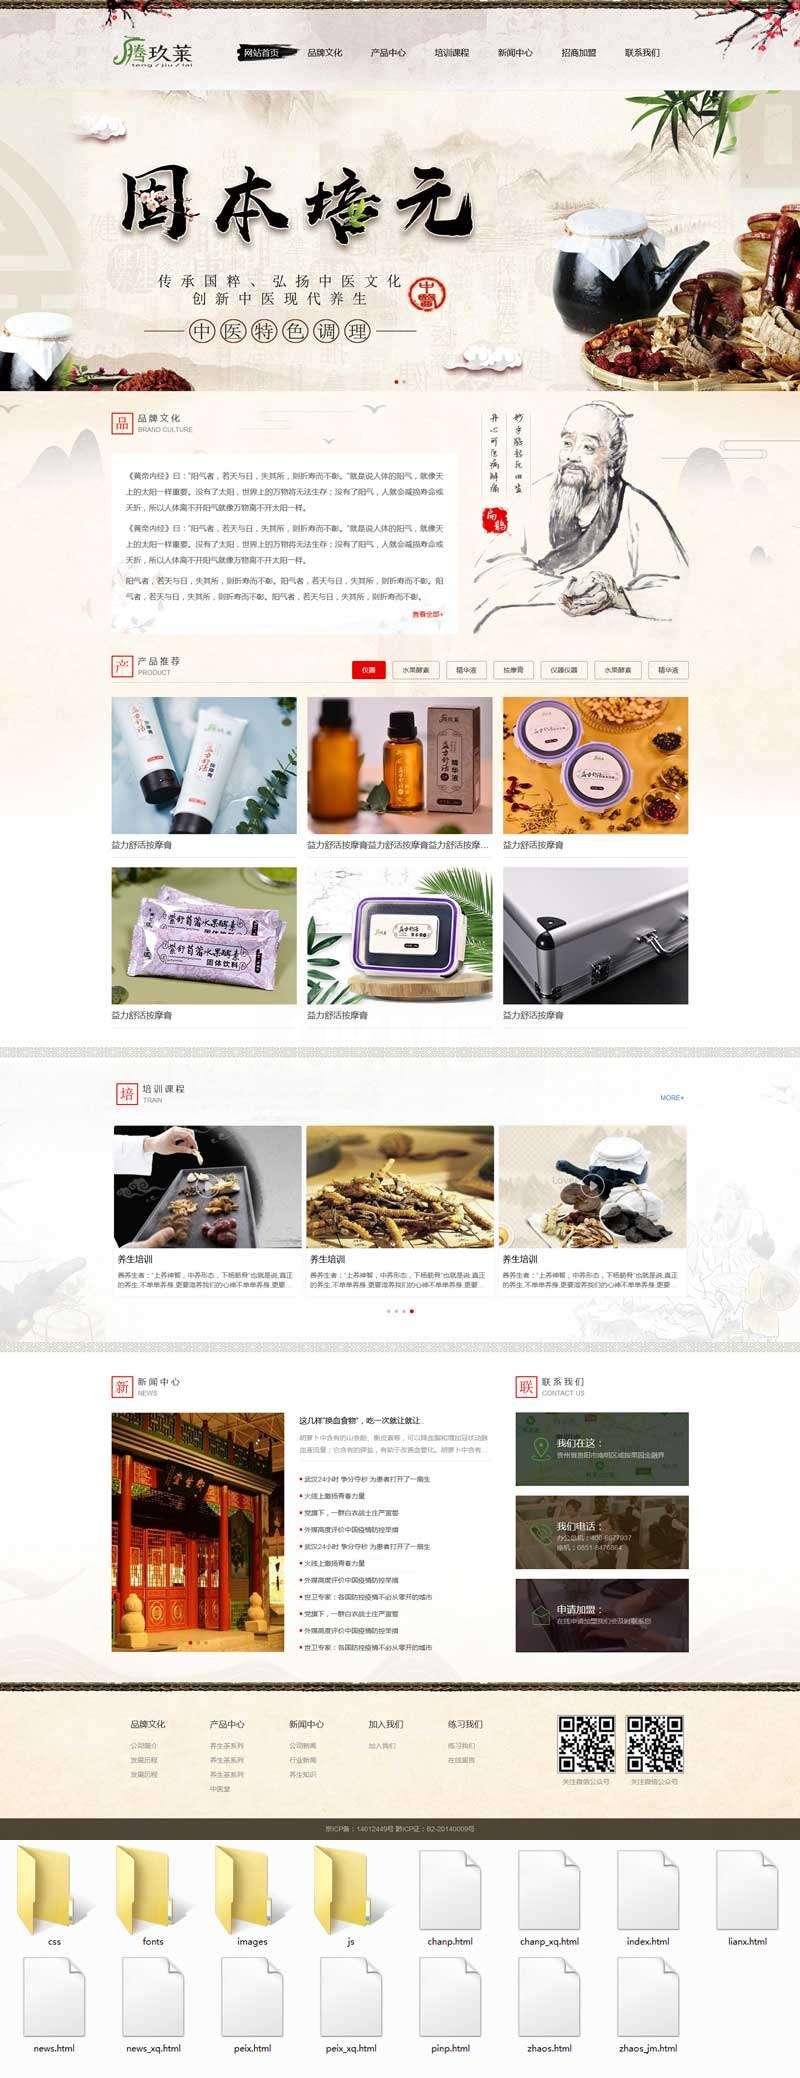 水墨风的健康养生网站静态模板